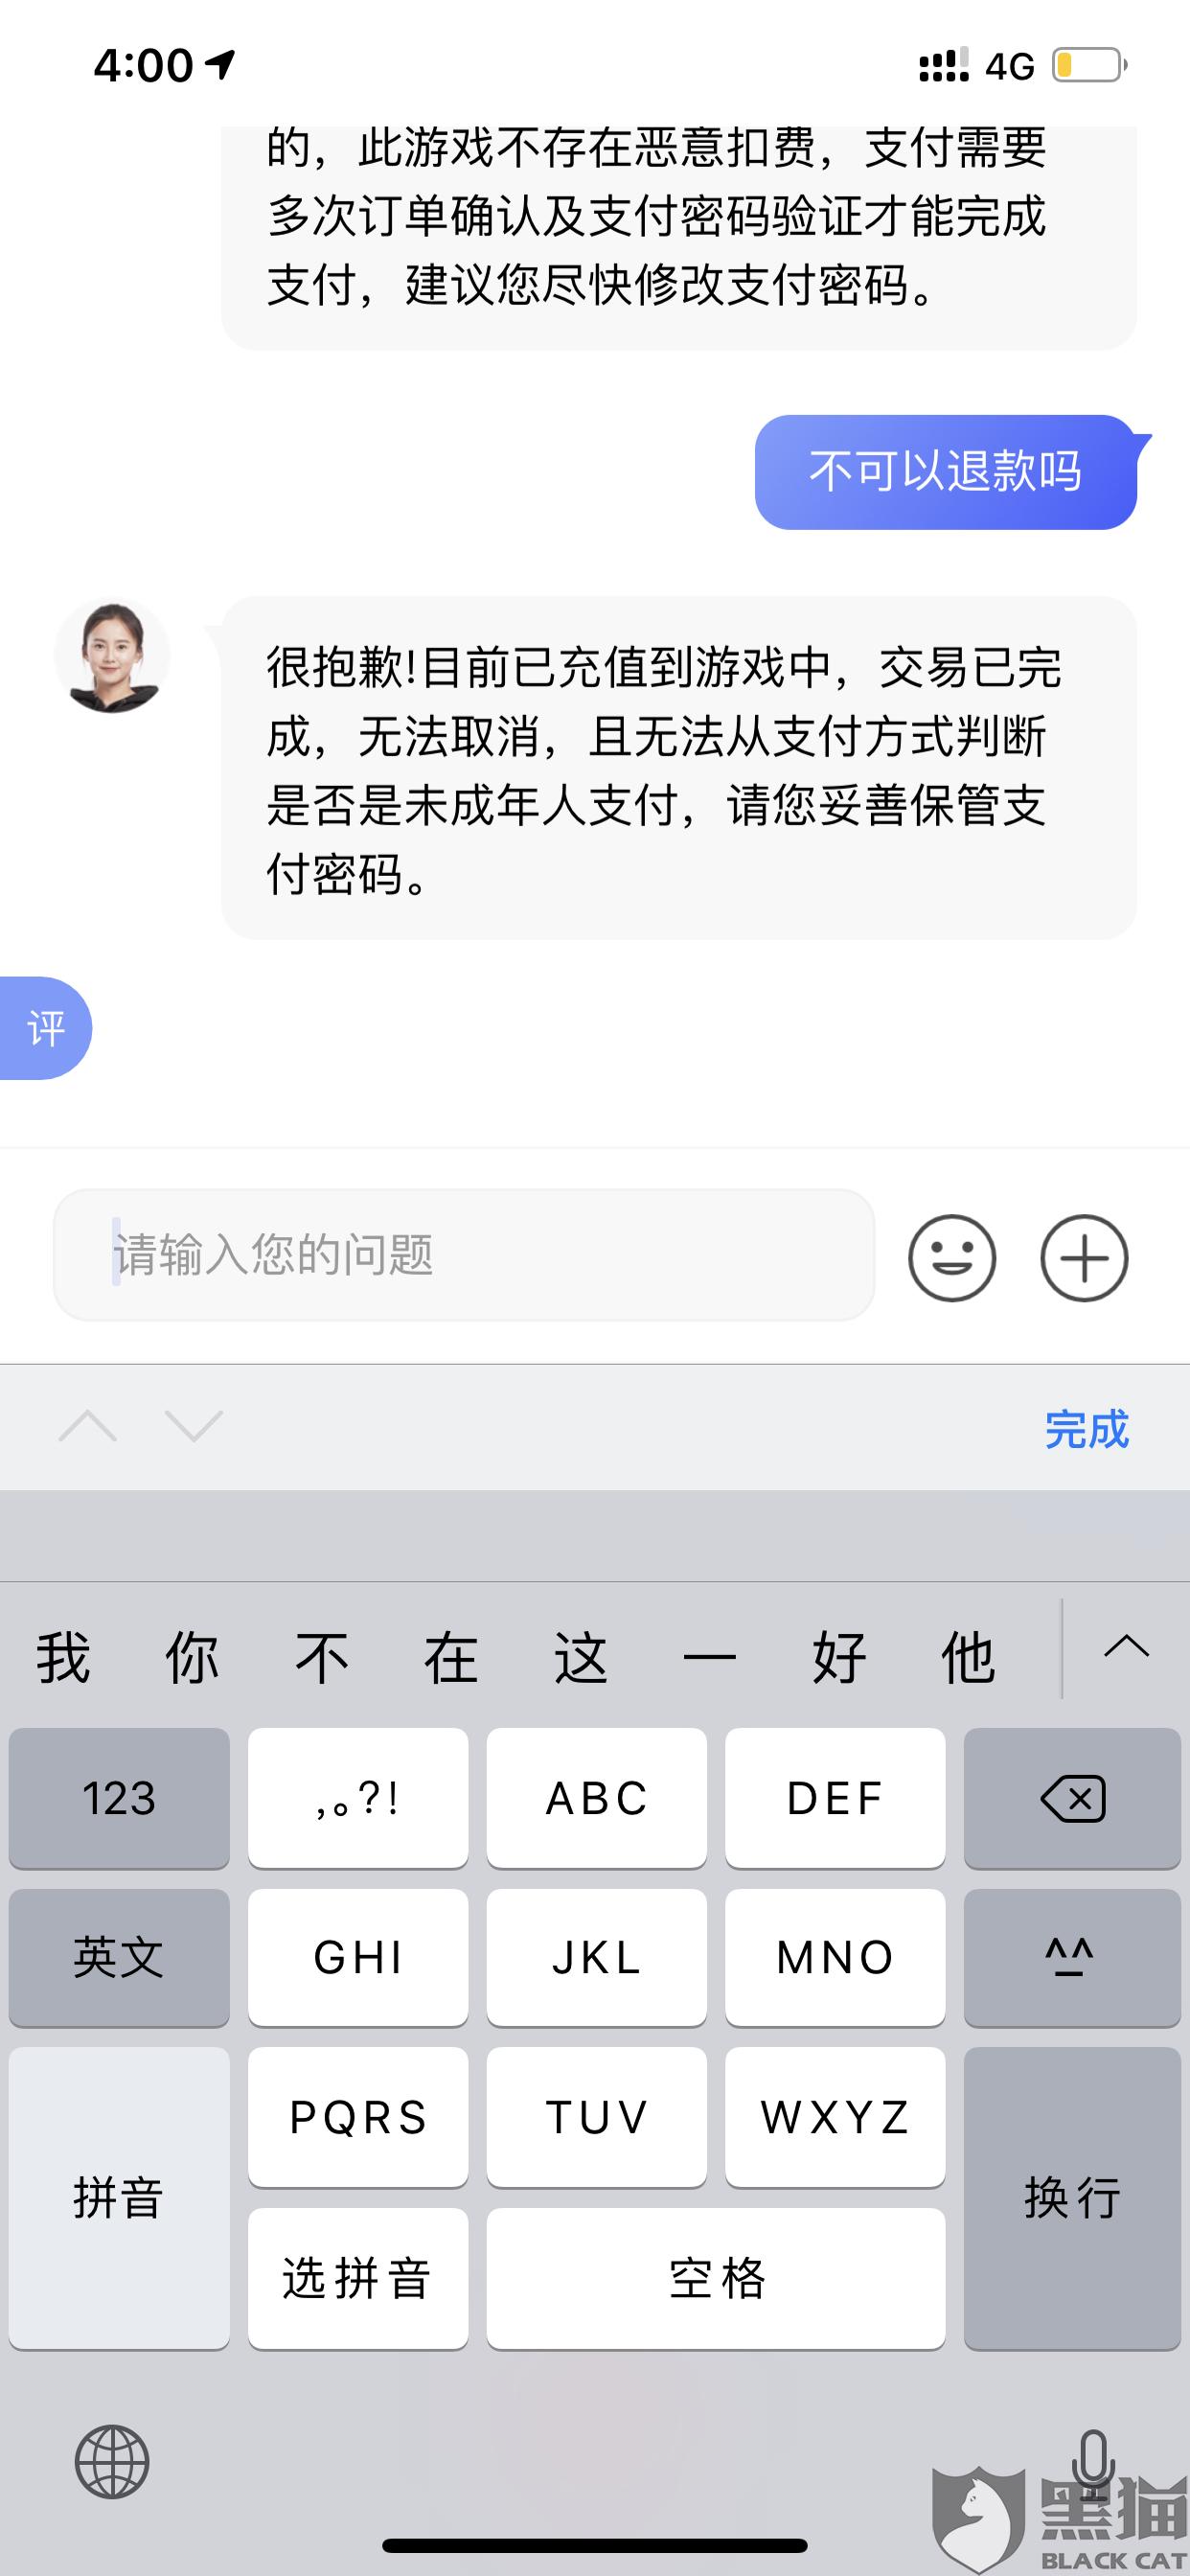 黑猫投诉:vivo客服不予退还未成年充值 违法